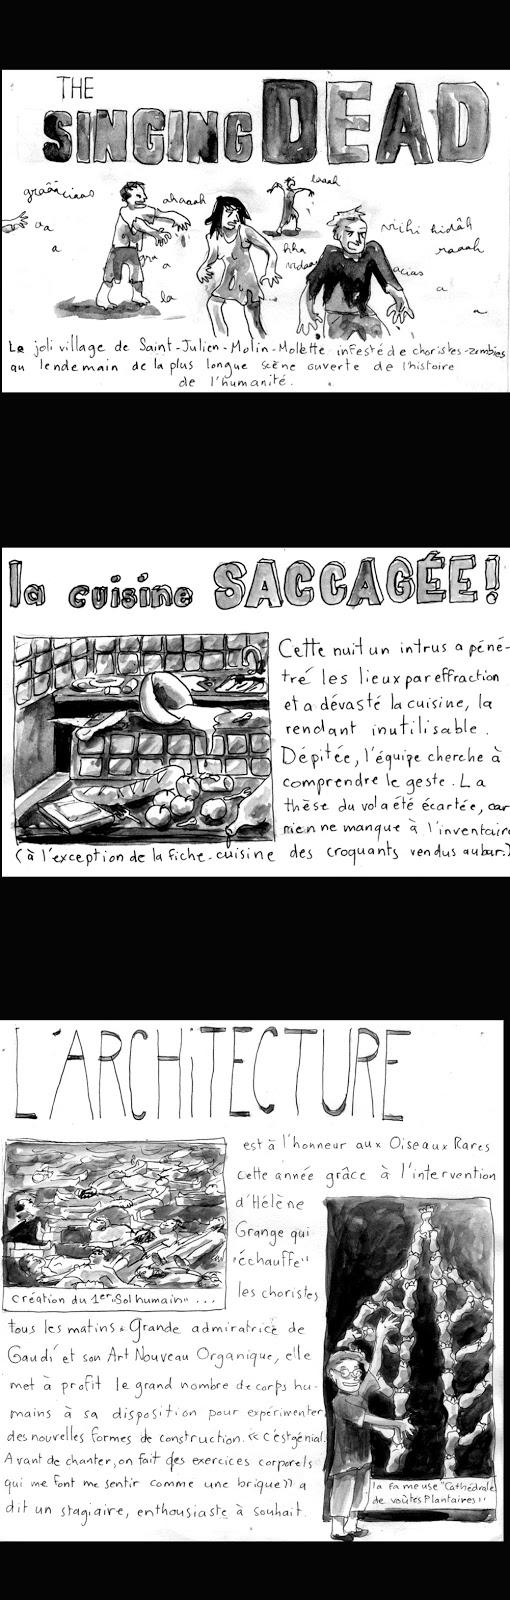 En même temps, si vous aviez goûté les croquants de Gaëlle, vous sombreriez sûrement aussi dans la criminalité. Sinon, Hélène Grange est réputée pour ses méthodes d'échauffement originales et créatives. J'en rajoute à peine.